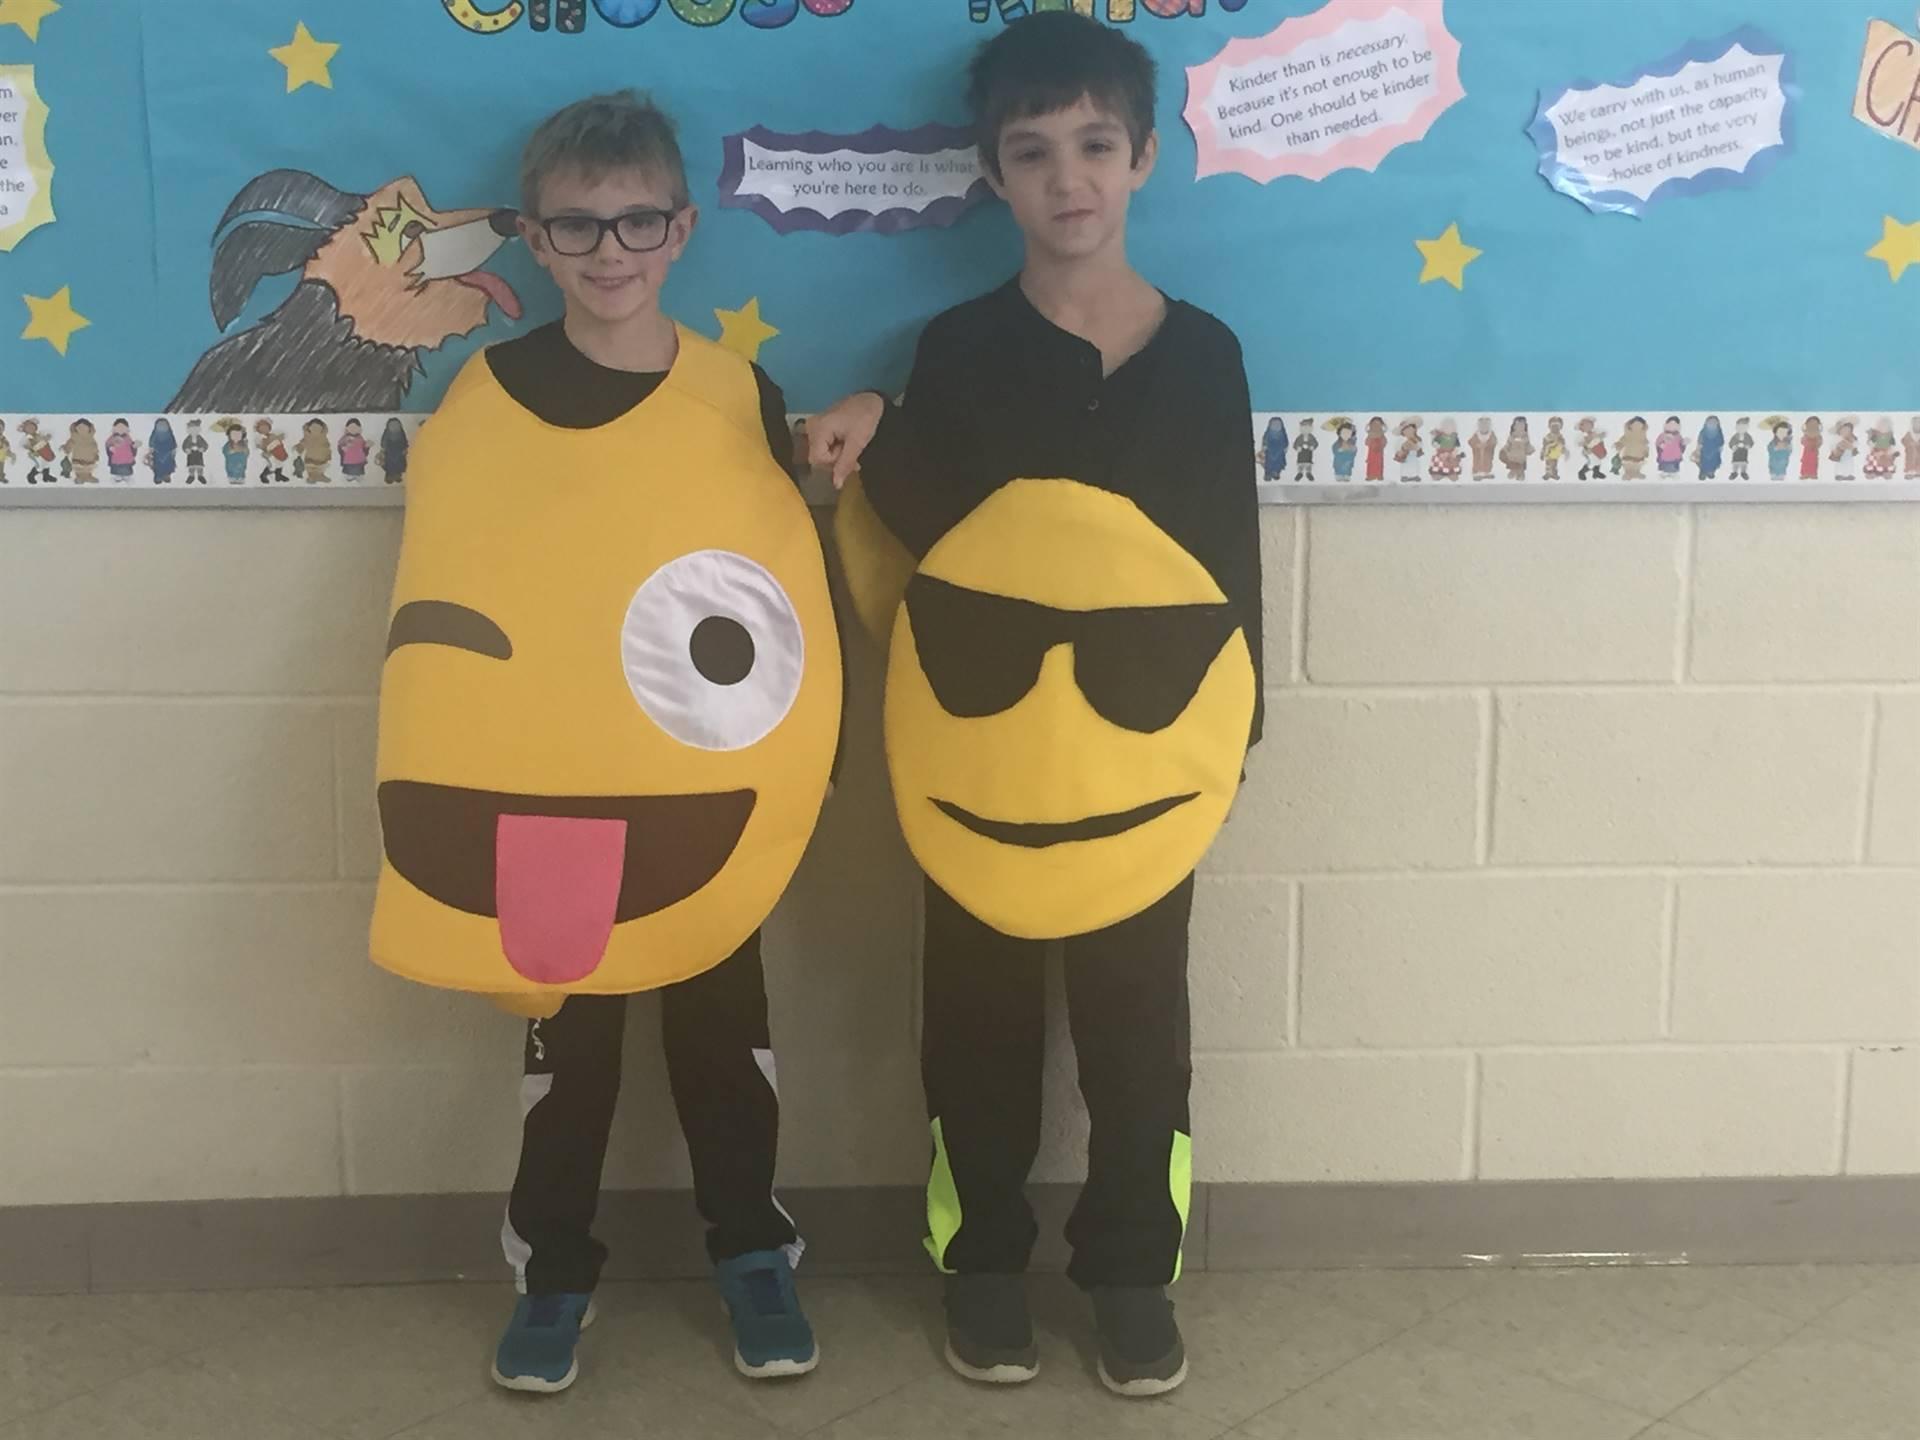 Halloween fun emoji costumes